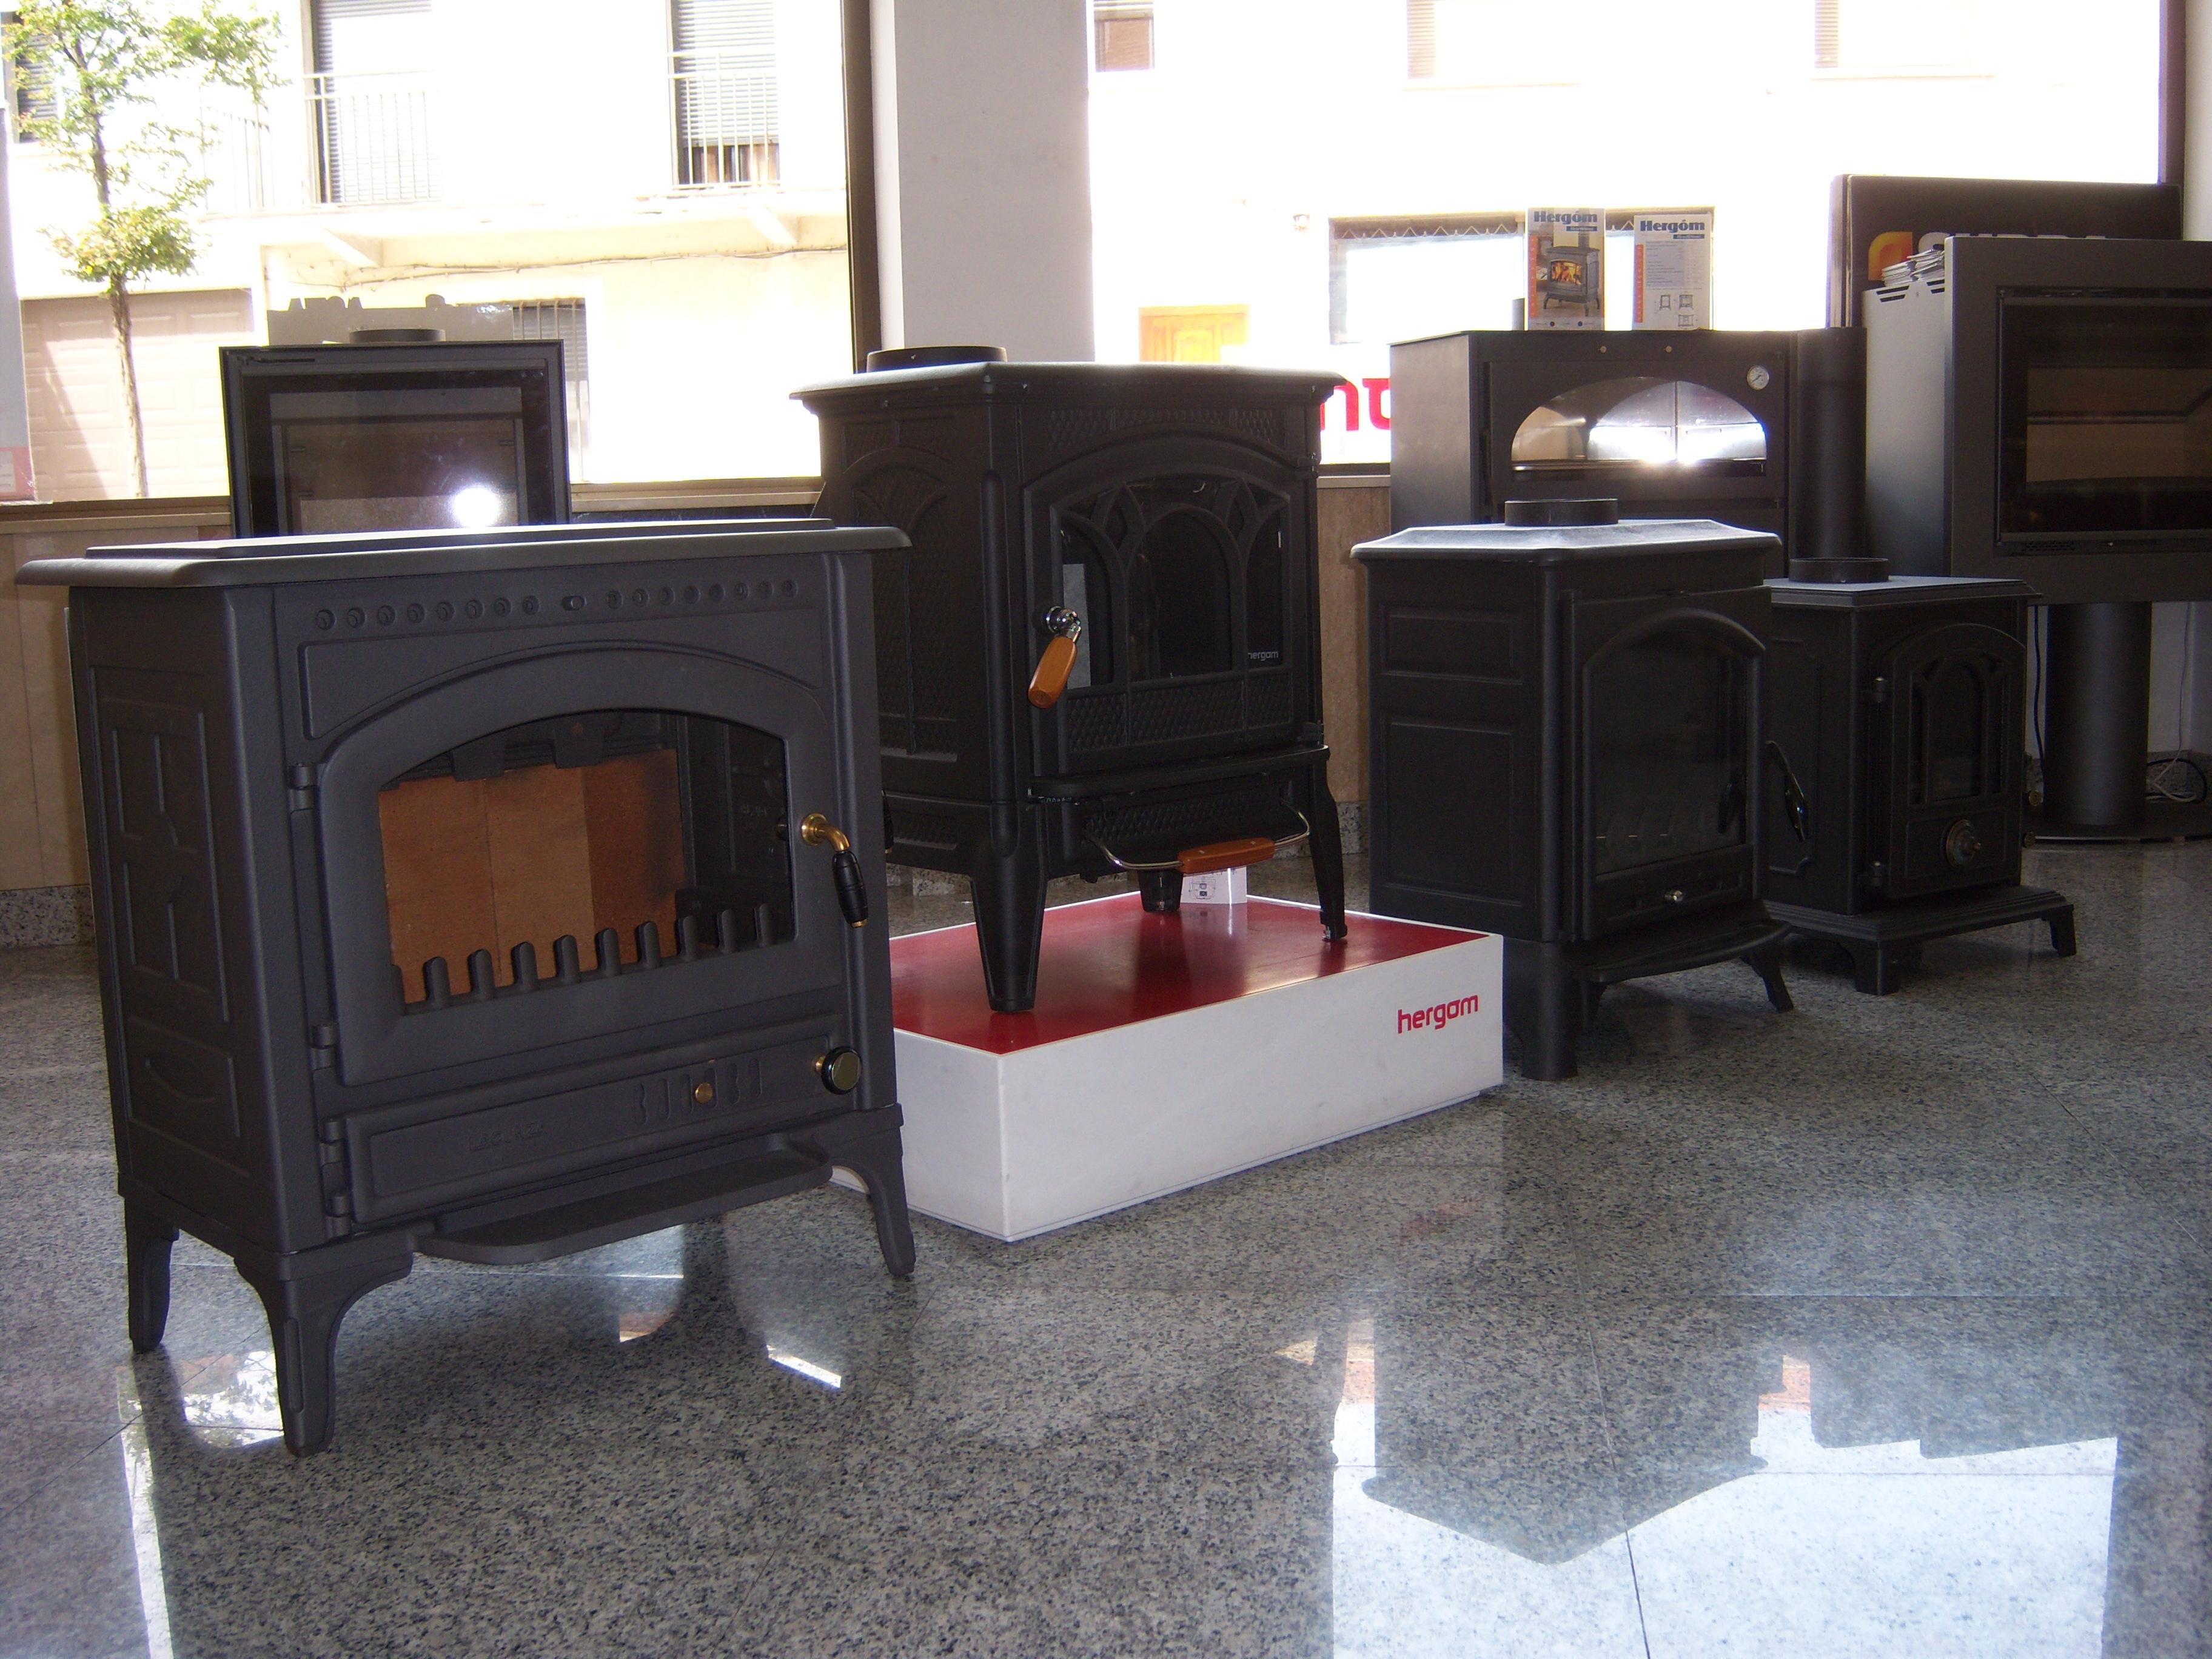 Exposici n de chimeneas en guadalajara y alcal - Estufas de fundicion ...